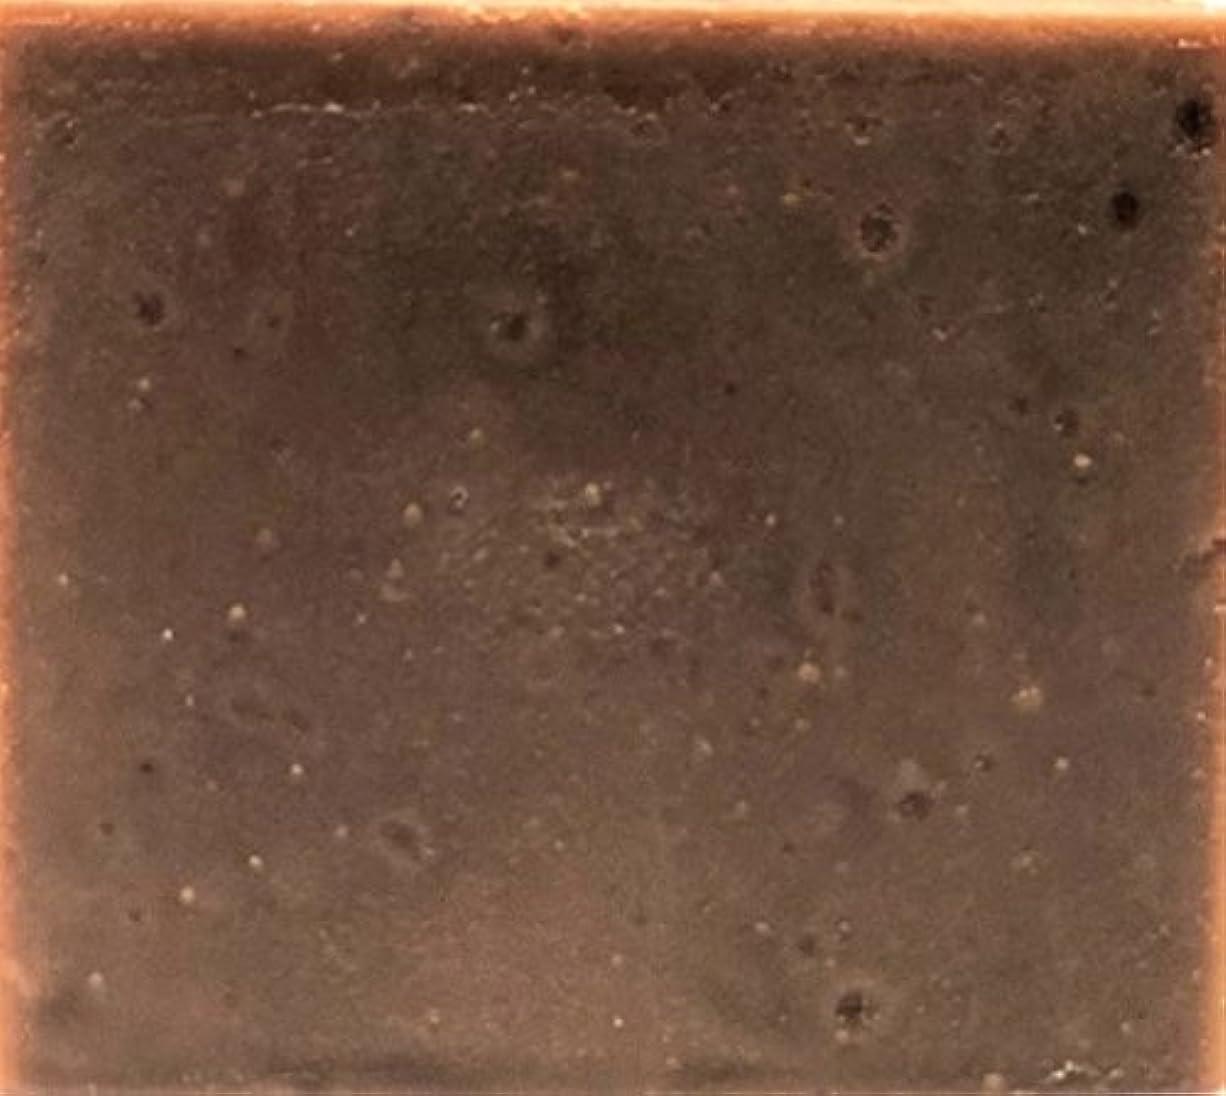 革命的に対処する止まる篠山石鹸 ラベンダー 90g 自家製ハーブを使い、コールドプロセス製法で作った手作り石けん